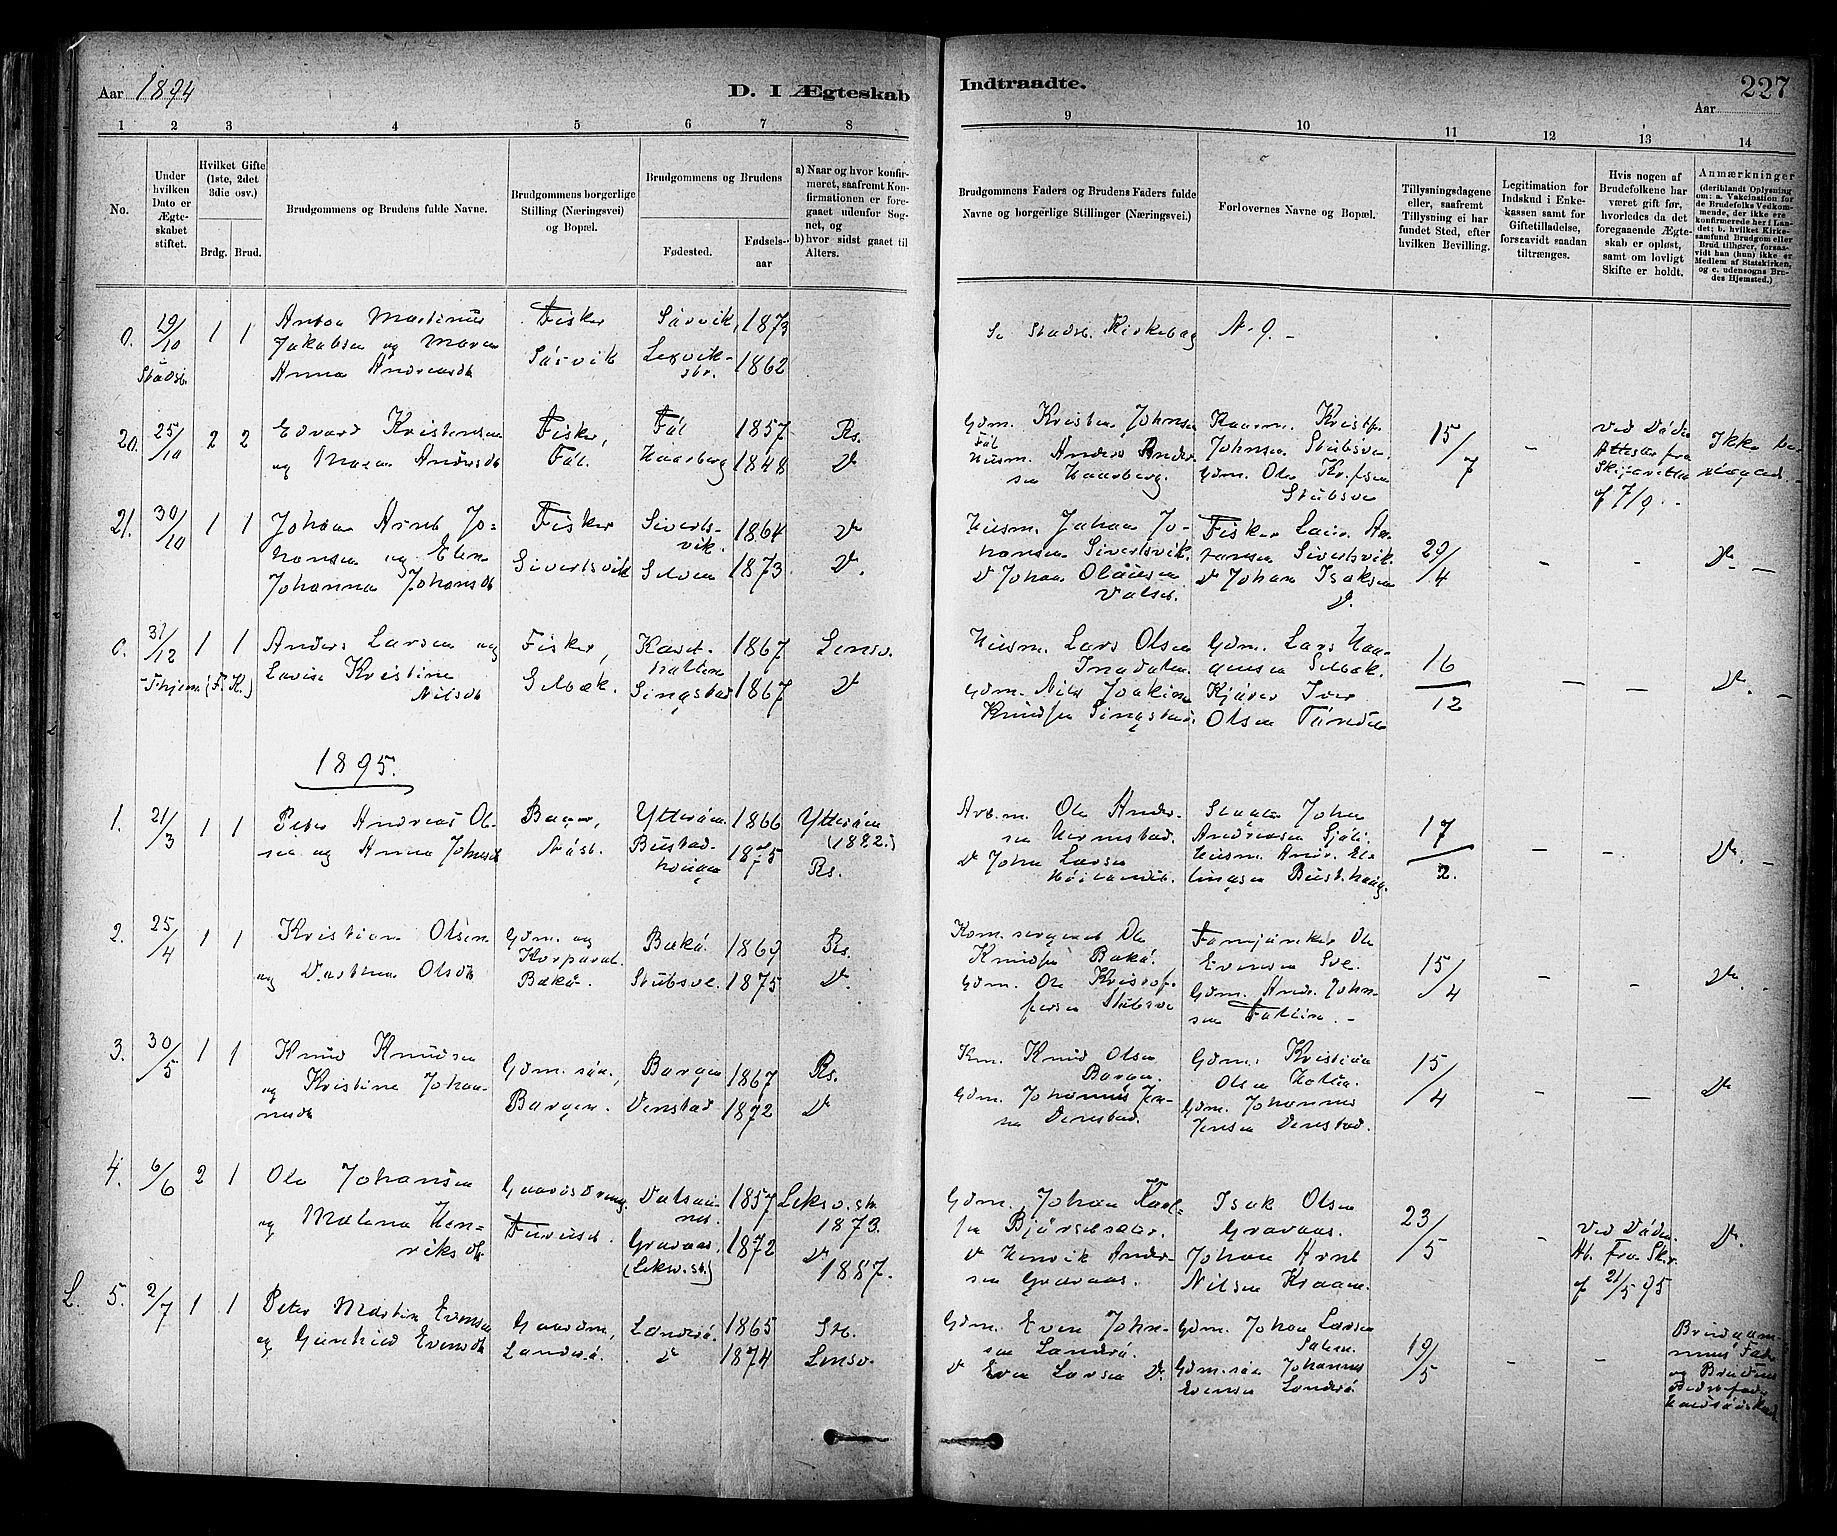 SAT, Ministerialprotokoller, klokkerbøker og fødselsregistre - Sør-Trøndelag, 647/L0634: Ministerialbok nr. 647A01, 1885-1896, s. 227